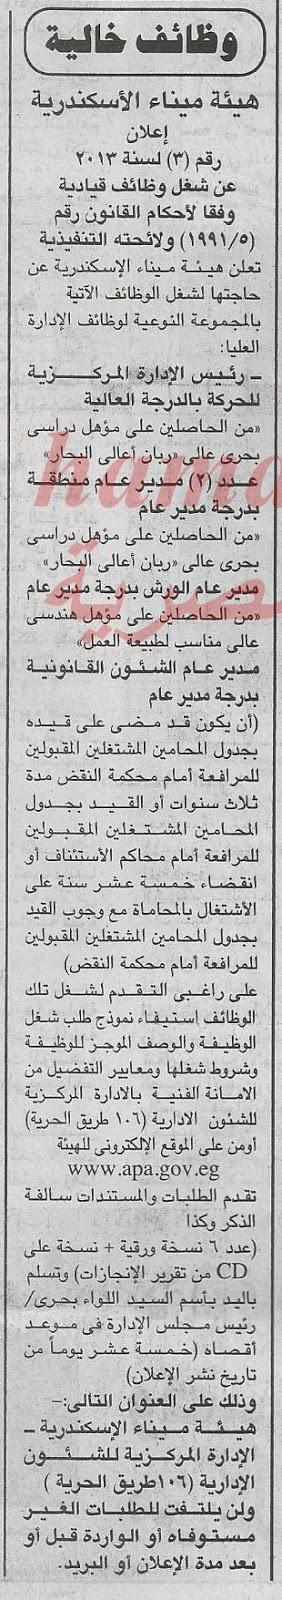 وظائف جريدة الجمهورية اليوم الخميس 12-12-2013 , وظائف خالية في مصر 12 ديسمبر 2013